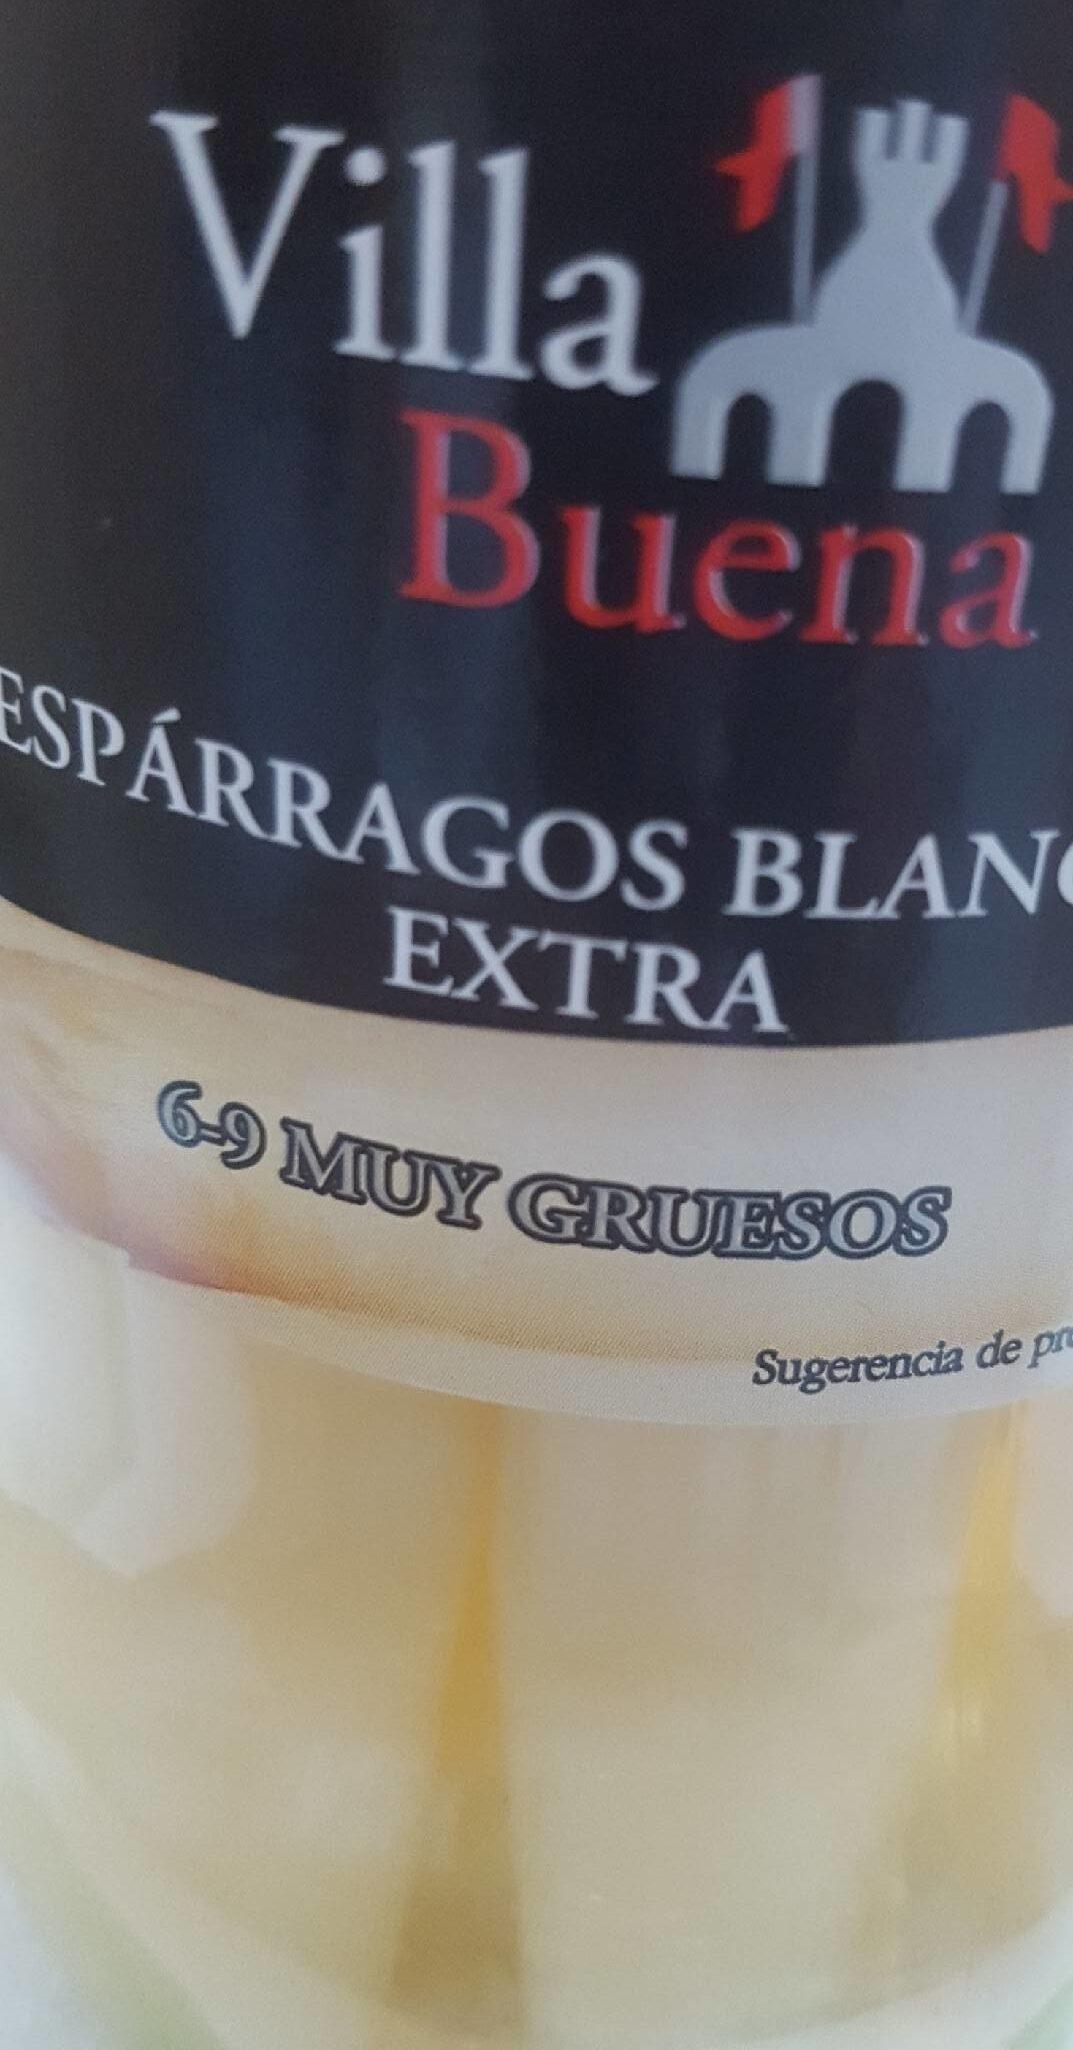 Espárragos blancos extra - Product